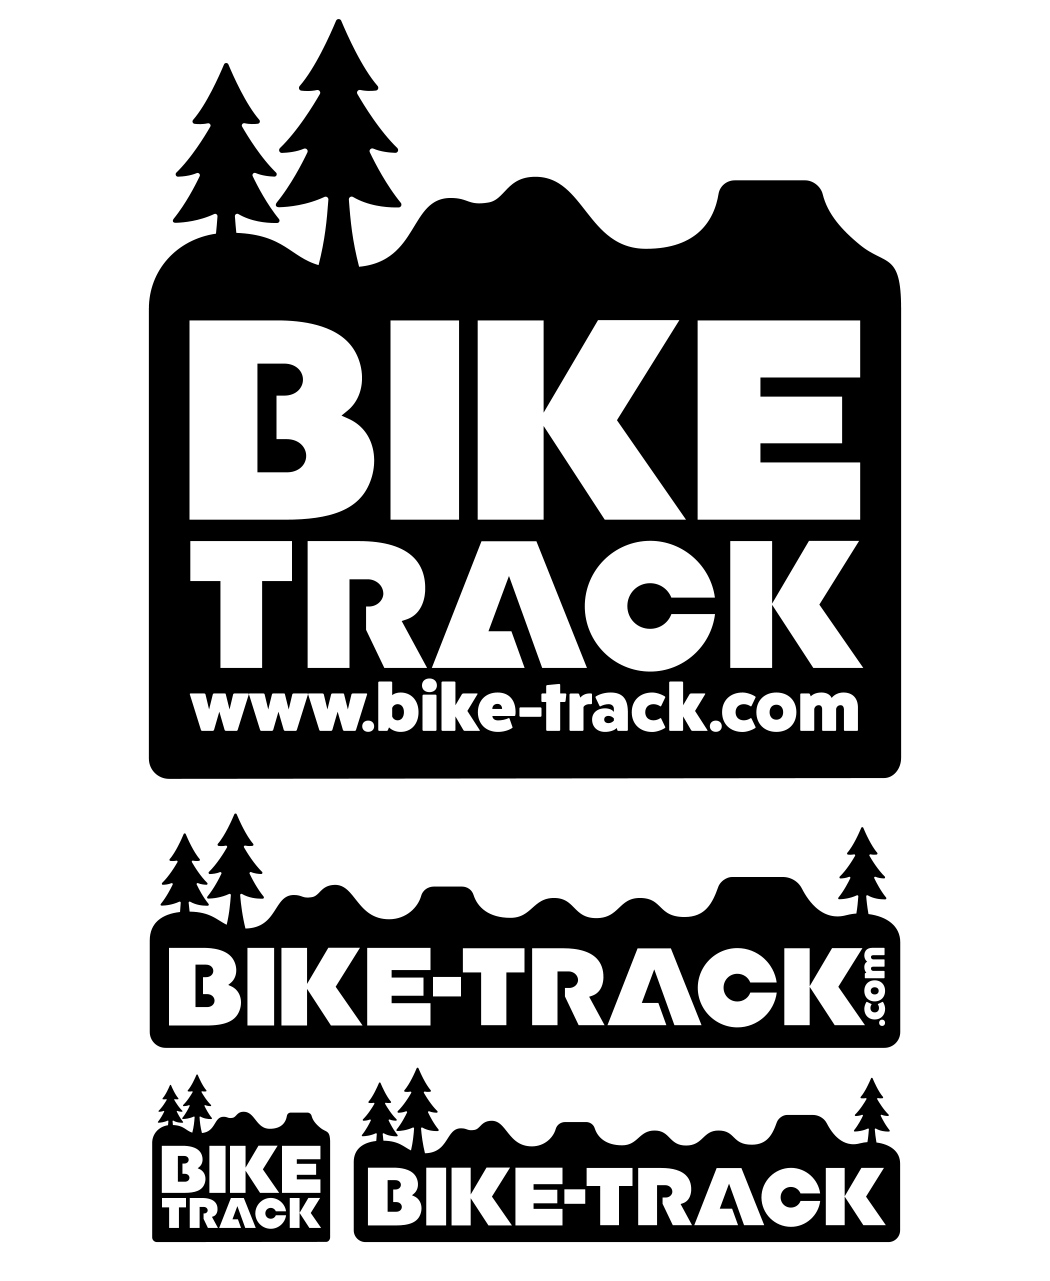 bike_track_site_image